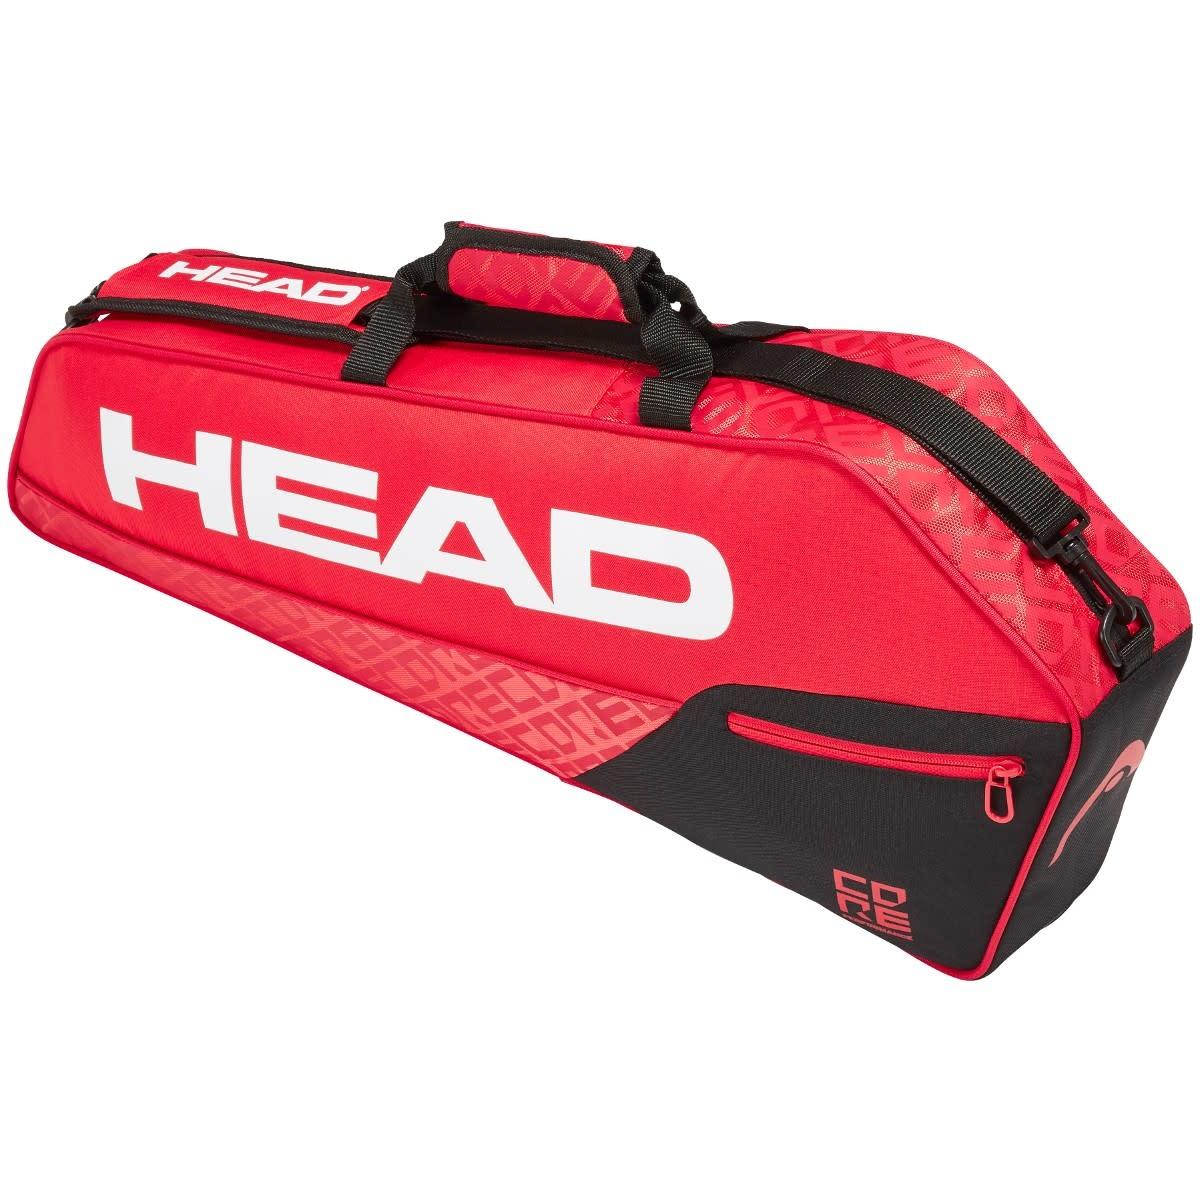 Head Core 3R Pro RDBK